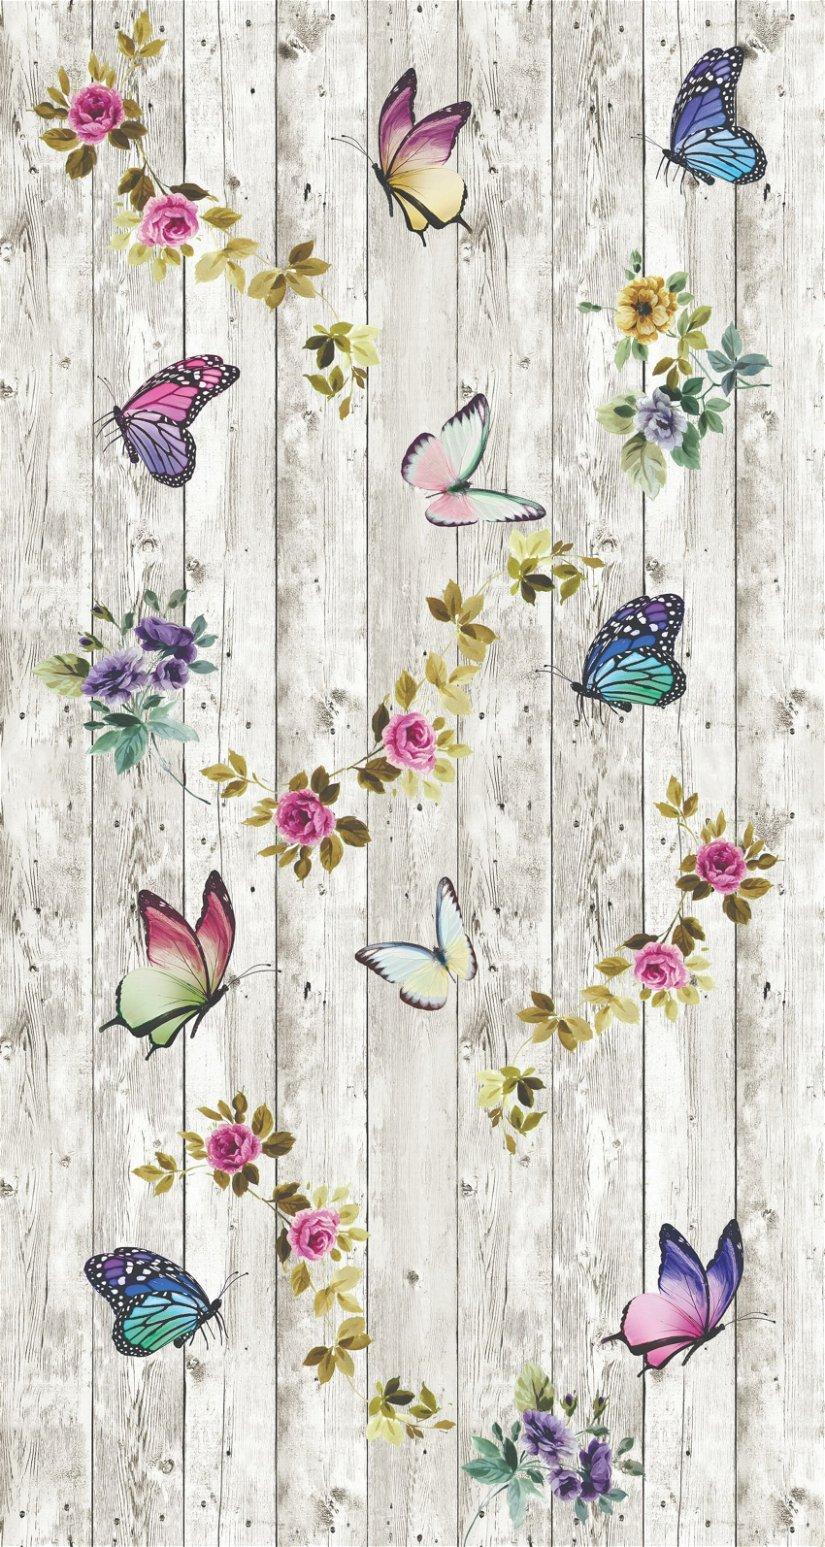 Covor Butterflowers 5016 Multicolor, 80 x 150 cm